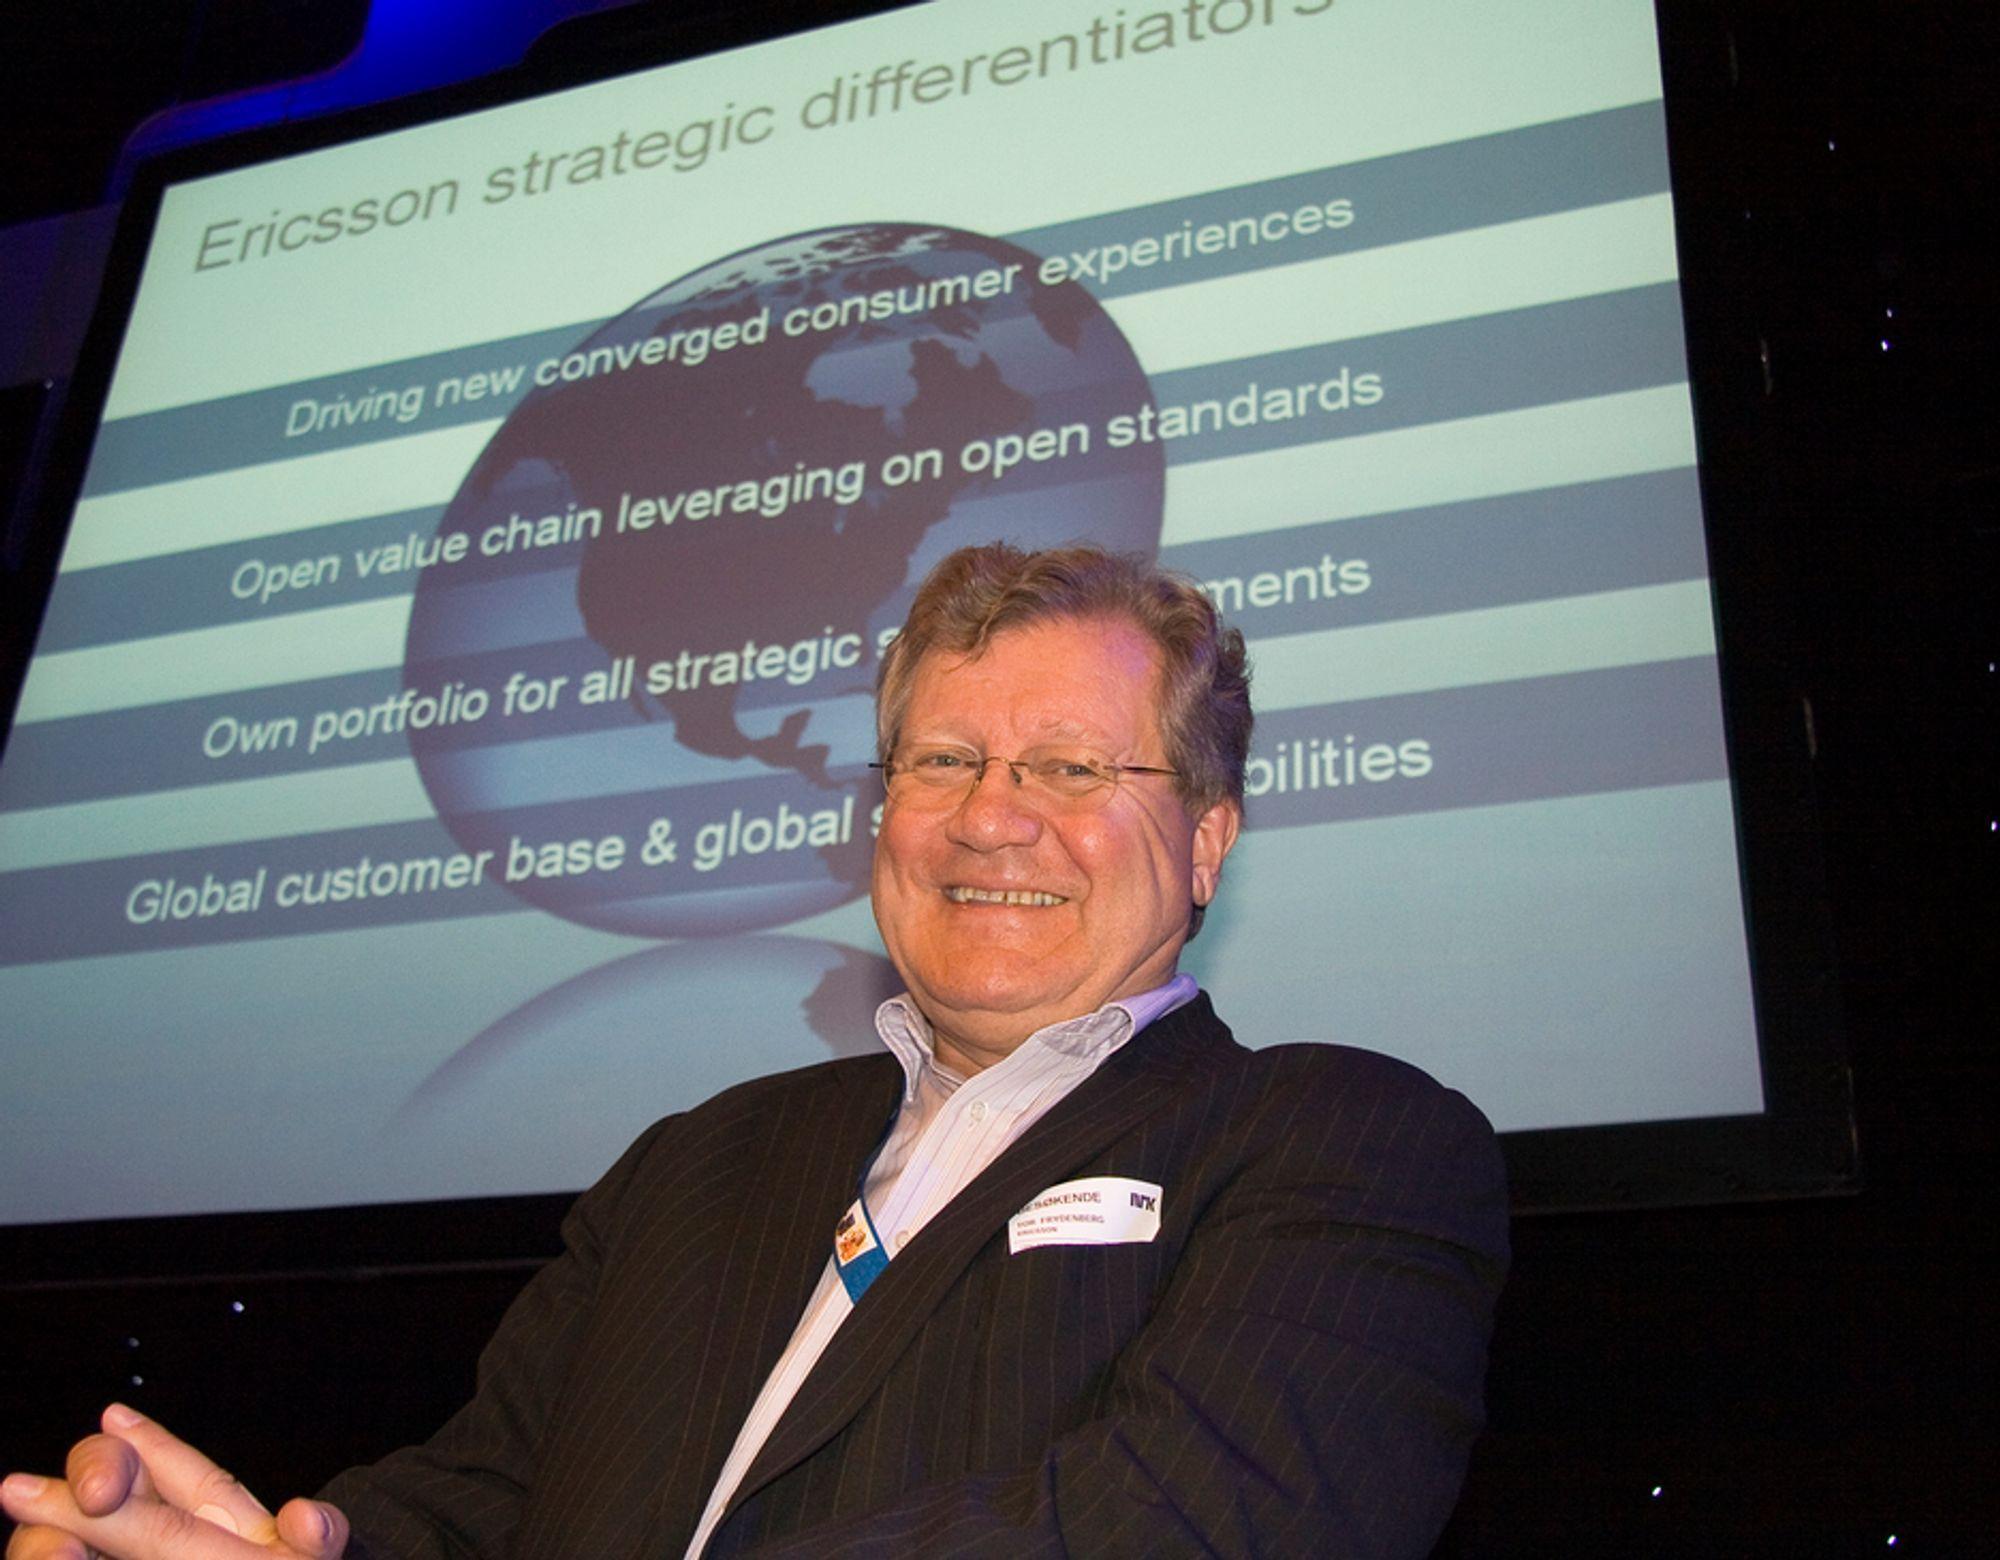 KLAR FOR TV: Den norske Ericssonsjefen, Tor Frydenberg, er klar til å ta et solid jafs av det kommende markedet for IP-TV.